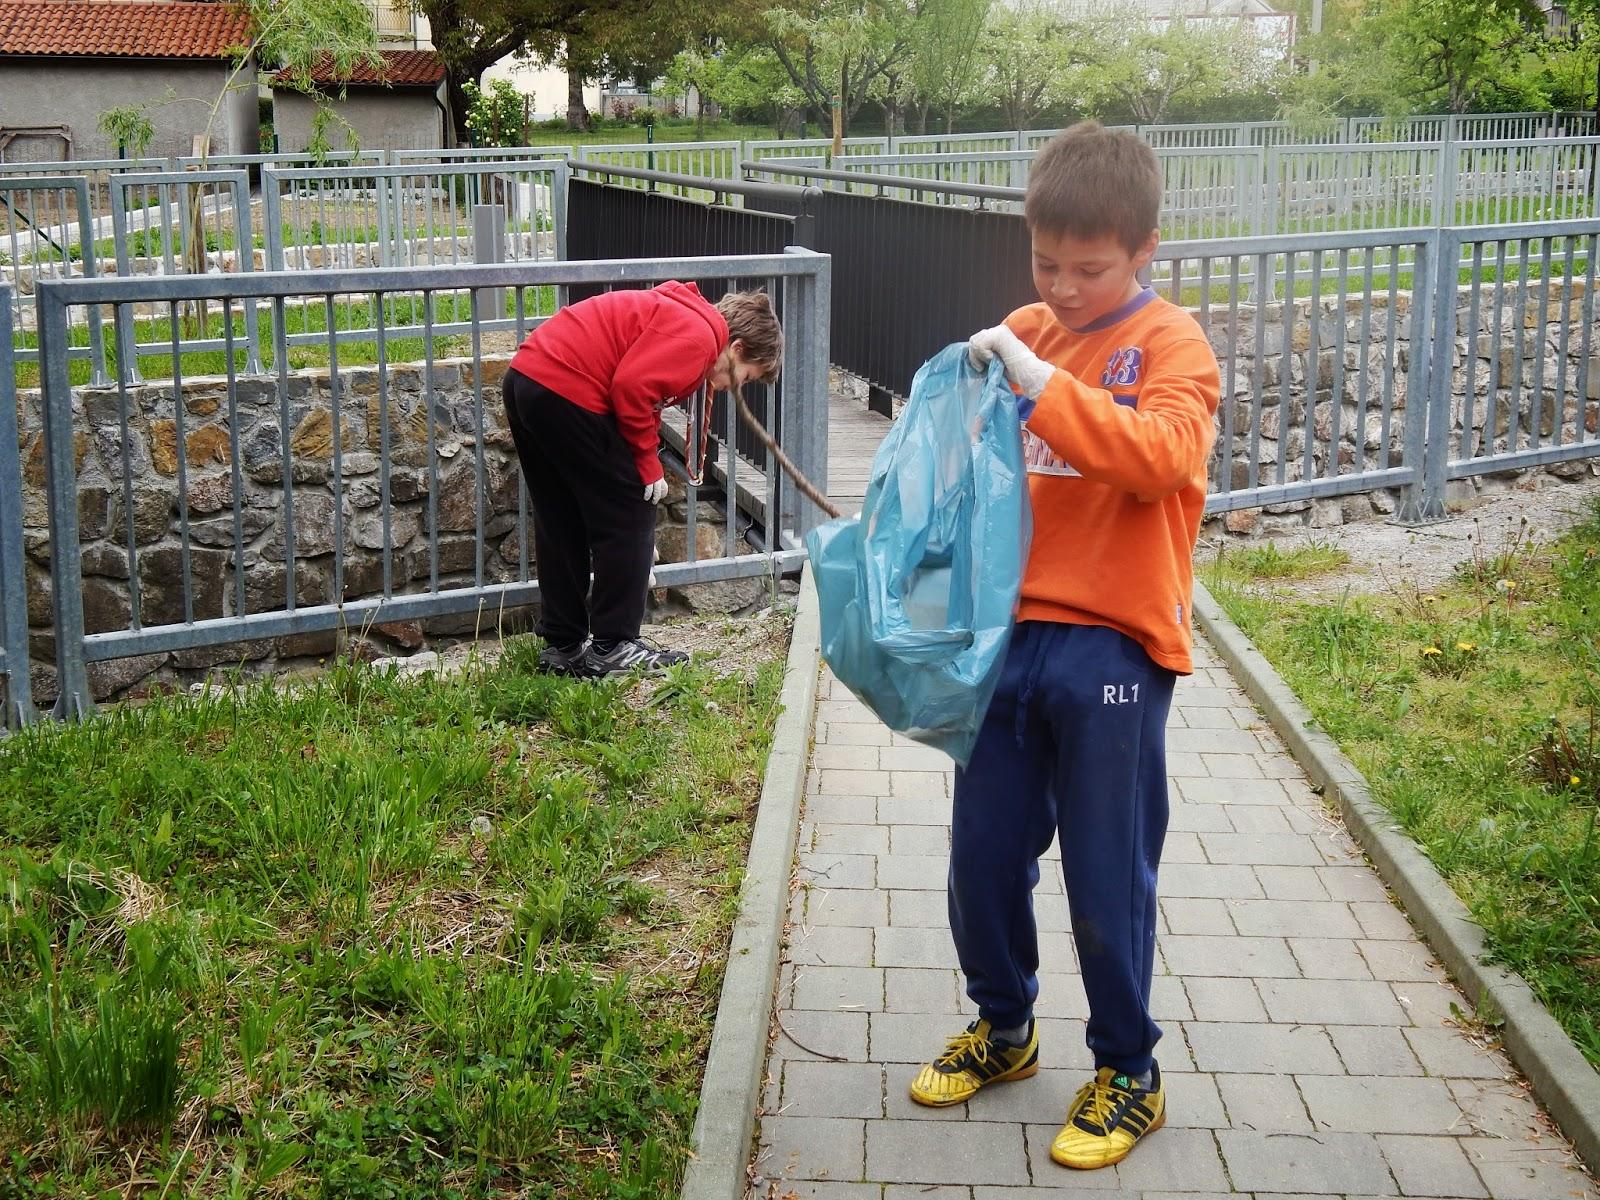 Čistilna akcija 2014, Ilirska Bistrica 2014 - DSCN1636.JPG